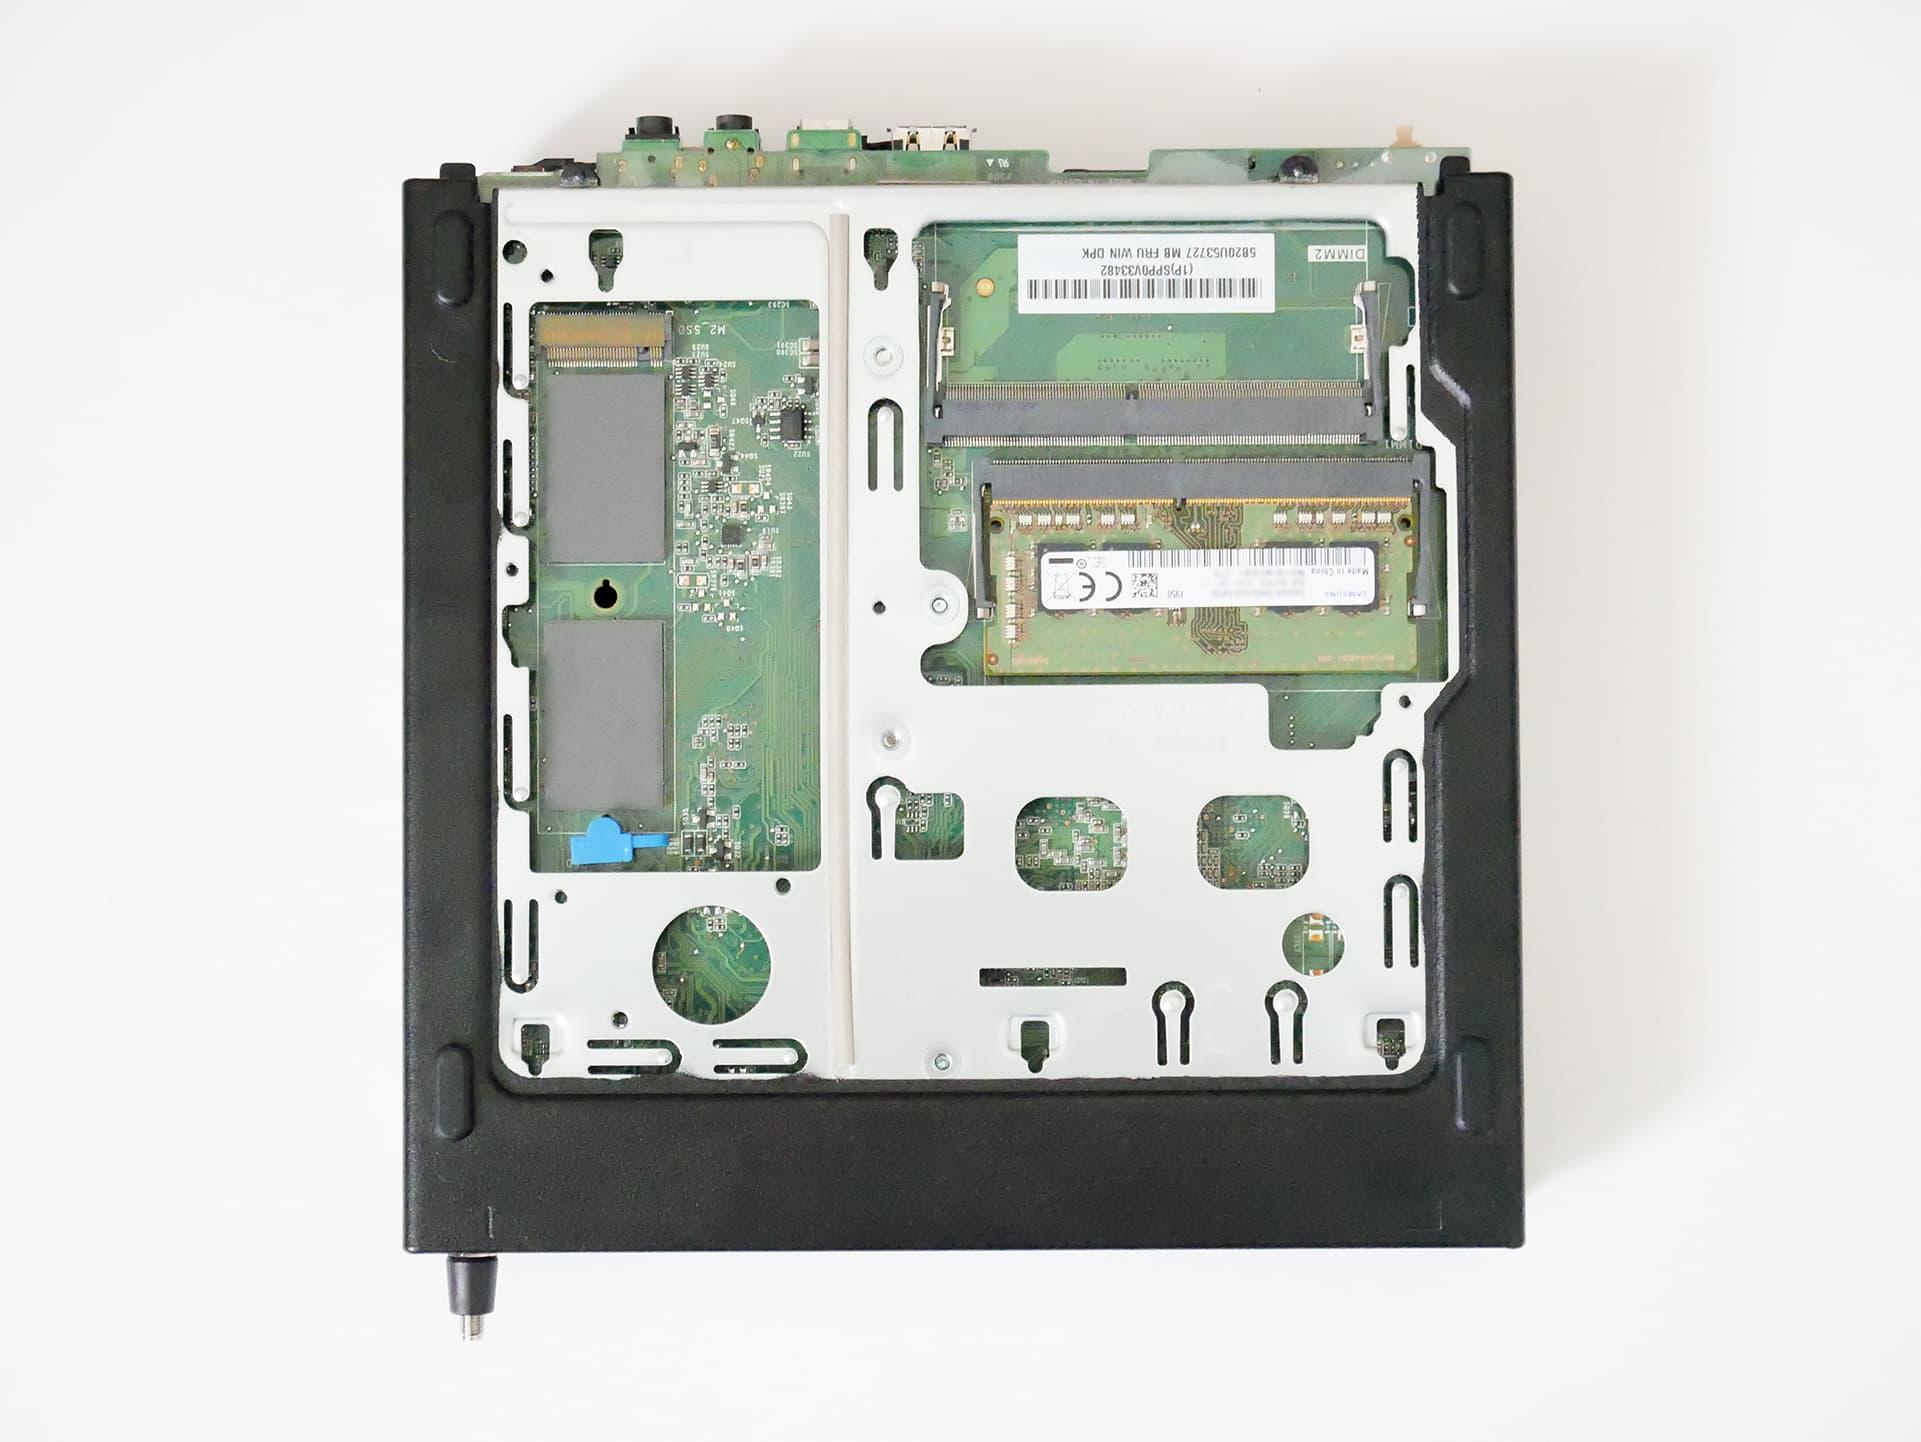 ThinkCentre M75q-1 TinyメモリとSSD設置スペース